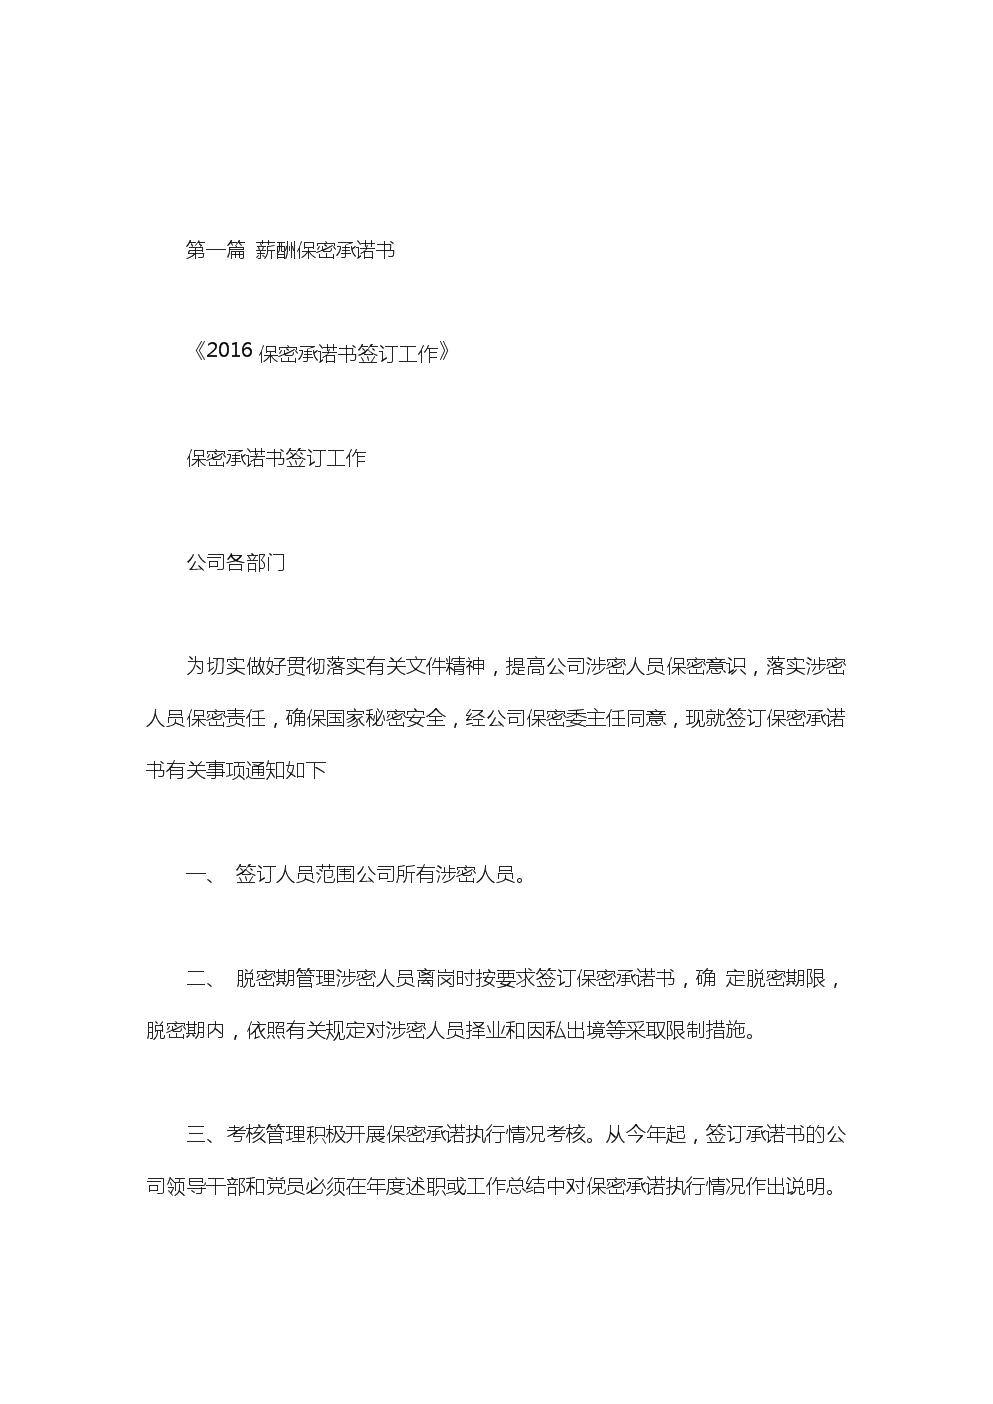 薪酬保密承诺书.doc